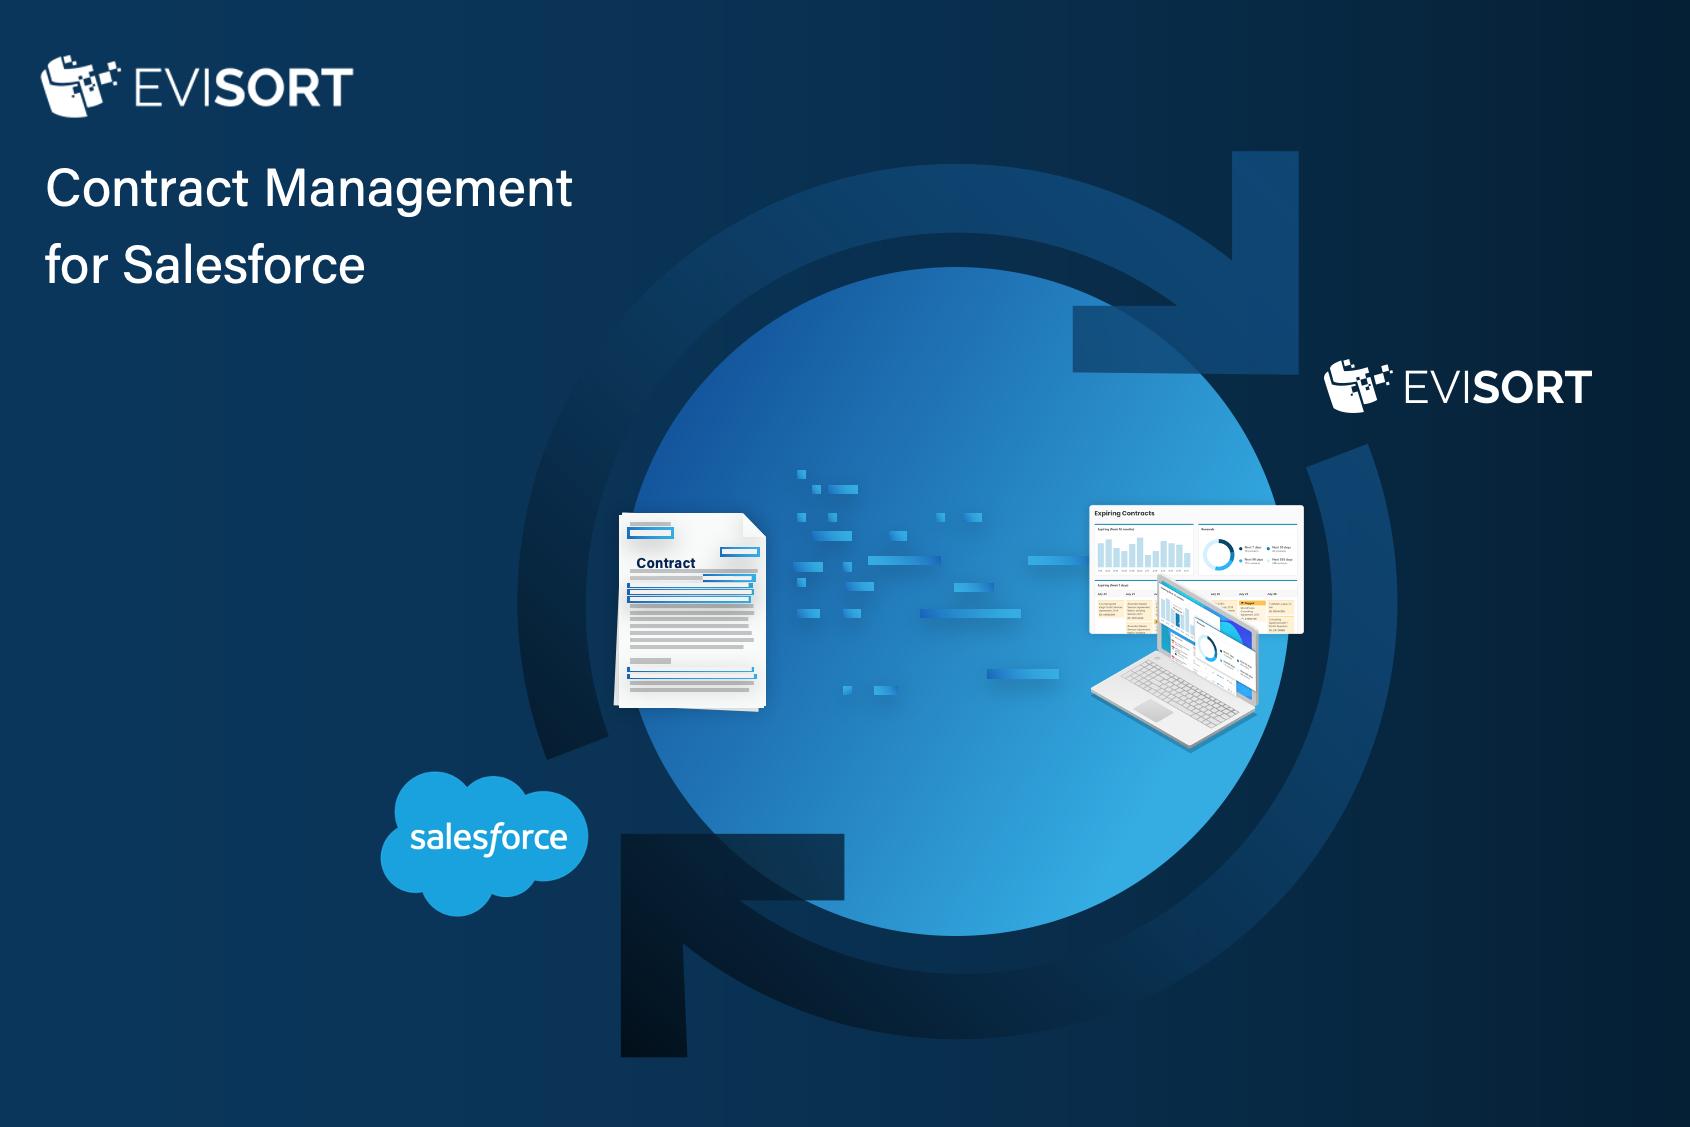 Salesforce AppExchange Evisort Contract Management